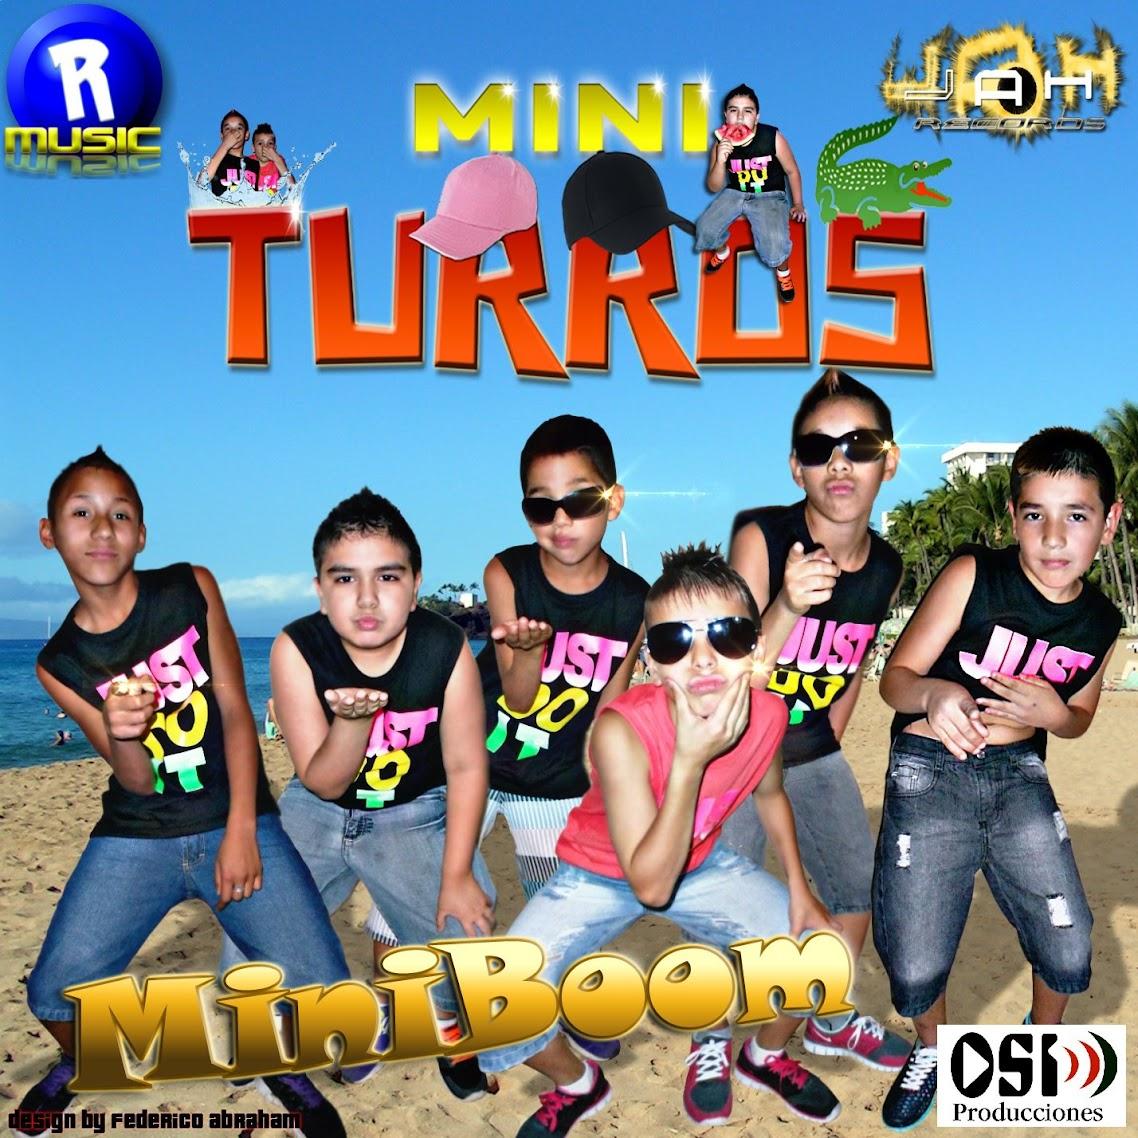 http://4.bp.blogspot.com/-HyvUuem01q0/TwdQ2VA8bDI/AAAAAAAABoQ/kLTTvS7x4x4/s1138/Los+Mini+Turros+-+MiniBoom.jpg